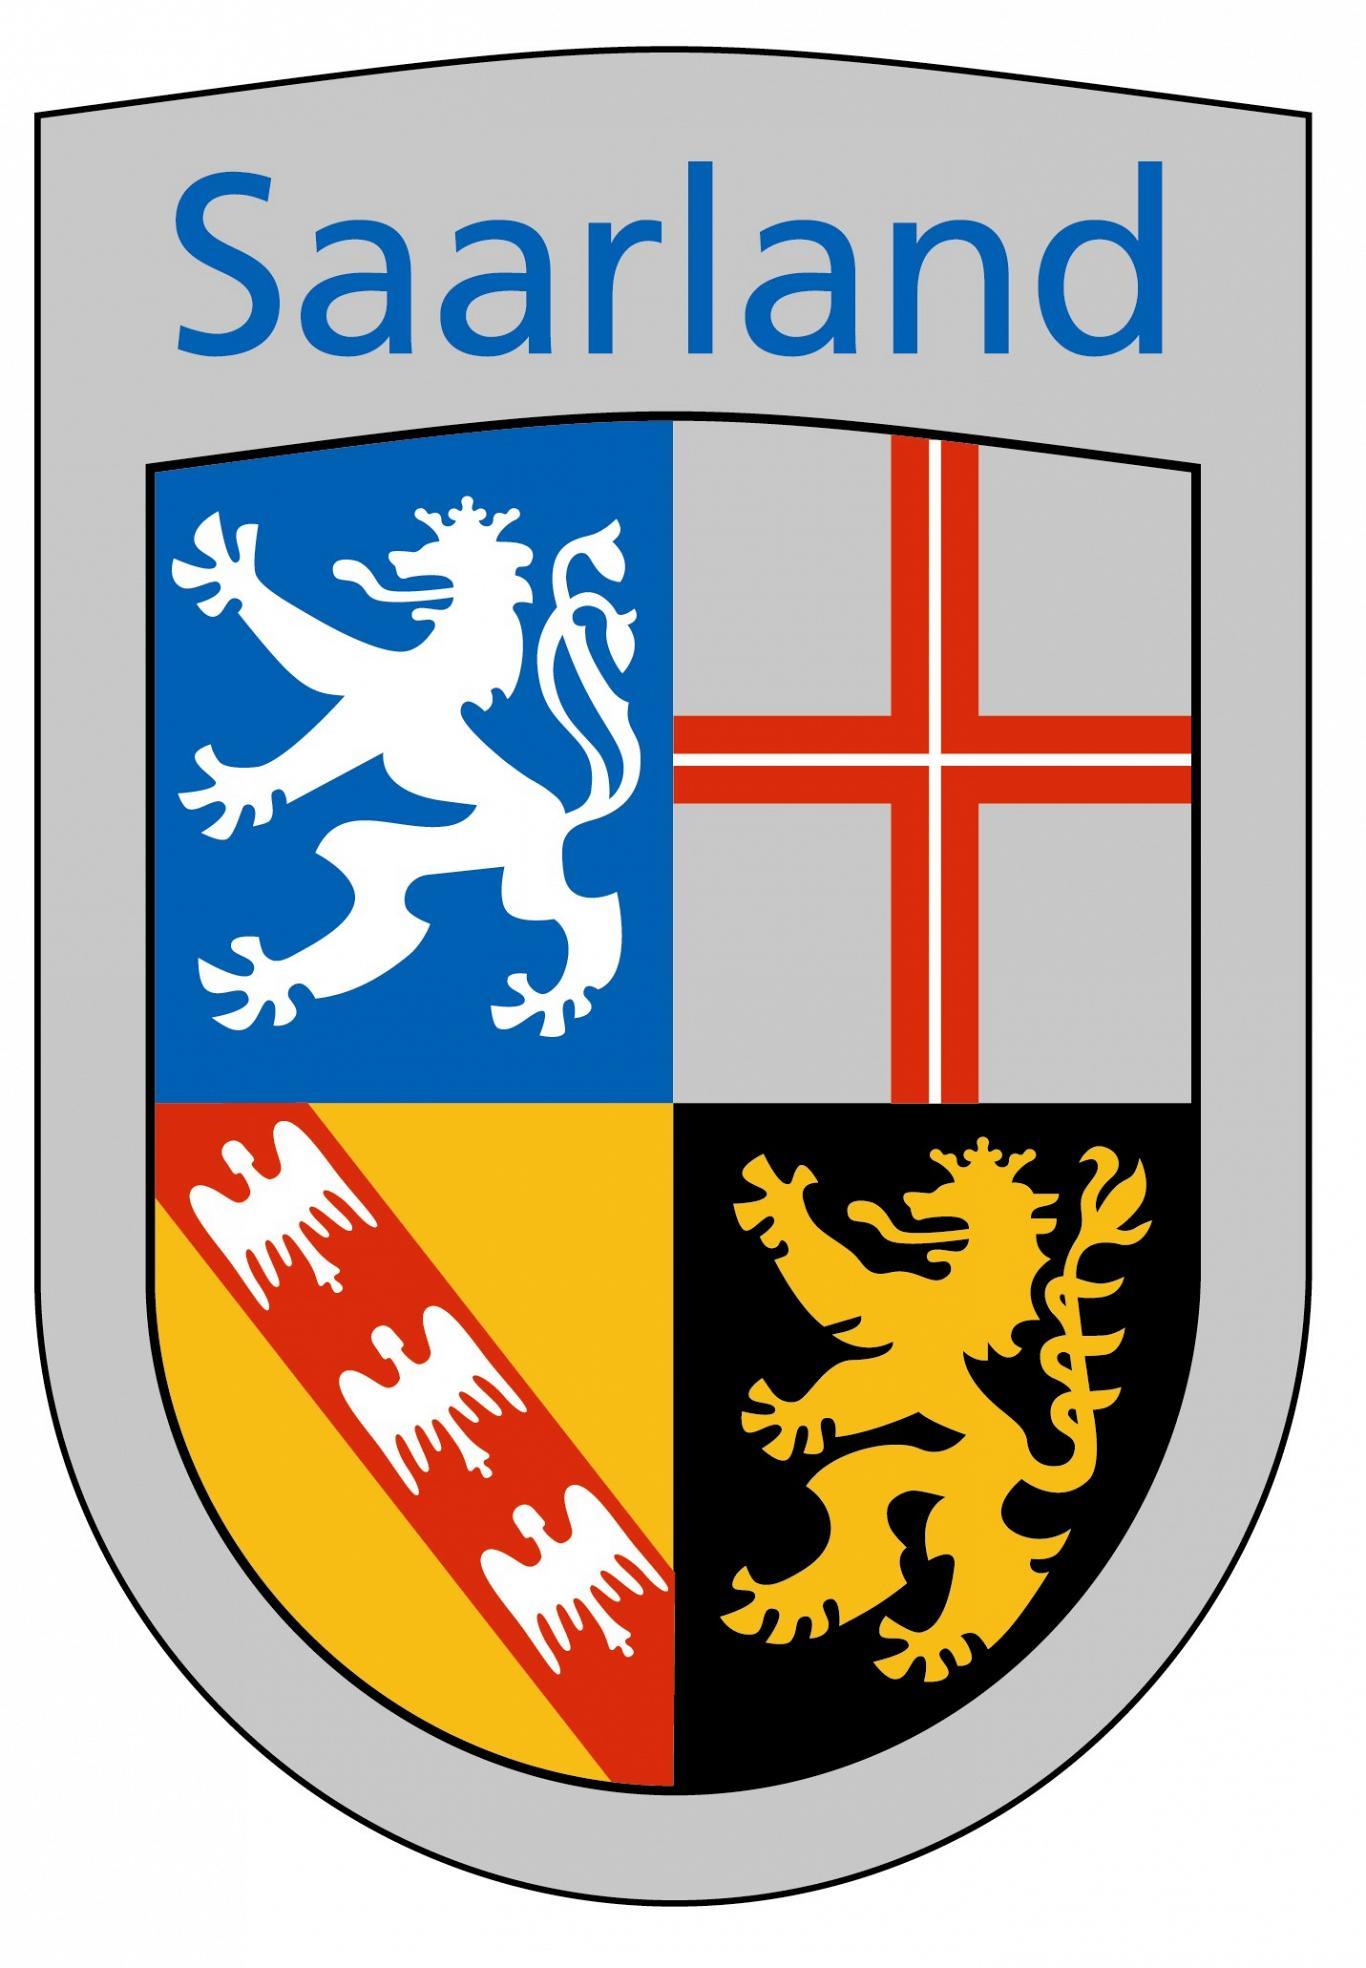 6 Millionen Euro Förderungen vom Land Saarland für barrierereduzierende Wohnraumanpassung